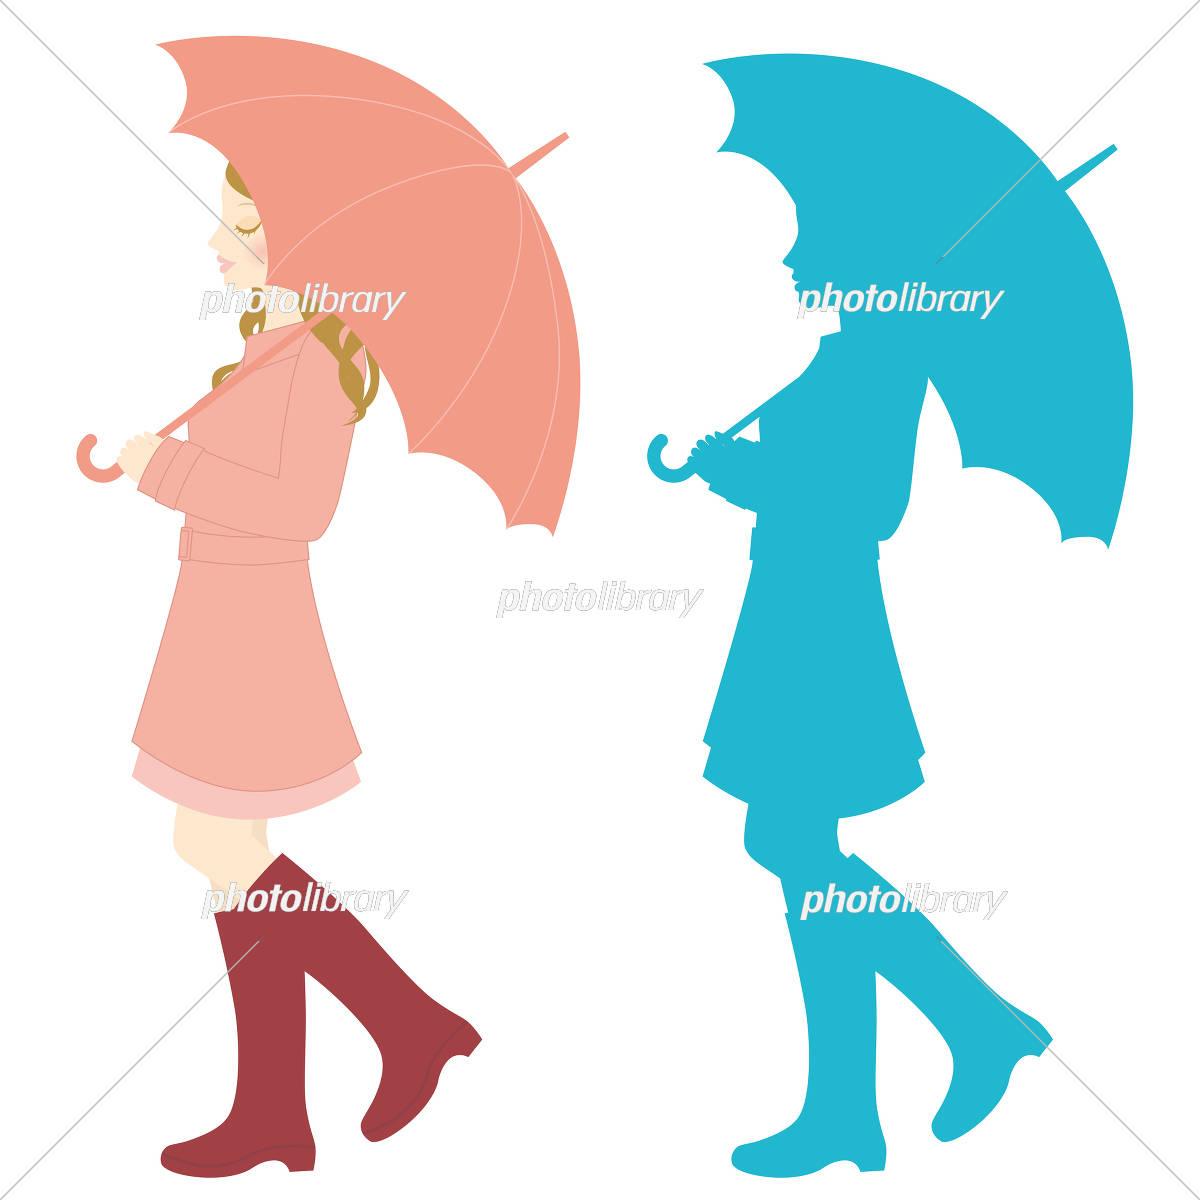 傘をさす女性 イラスト素材 3066101 フォトライブラリー Photolibrary